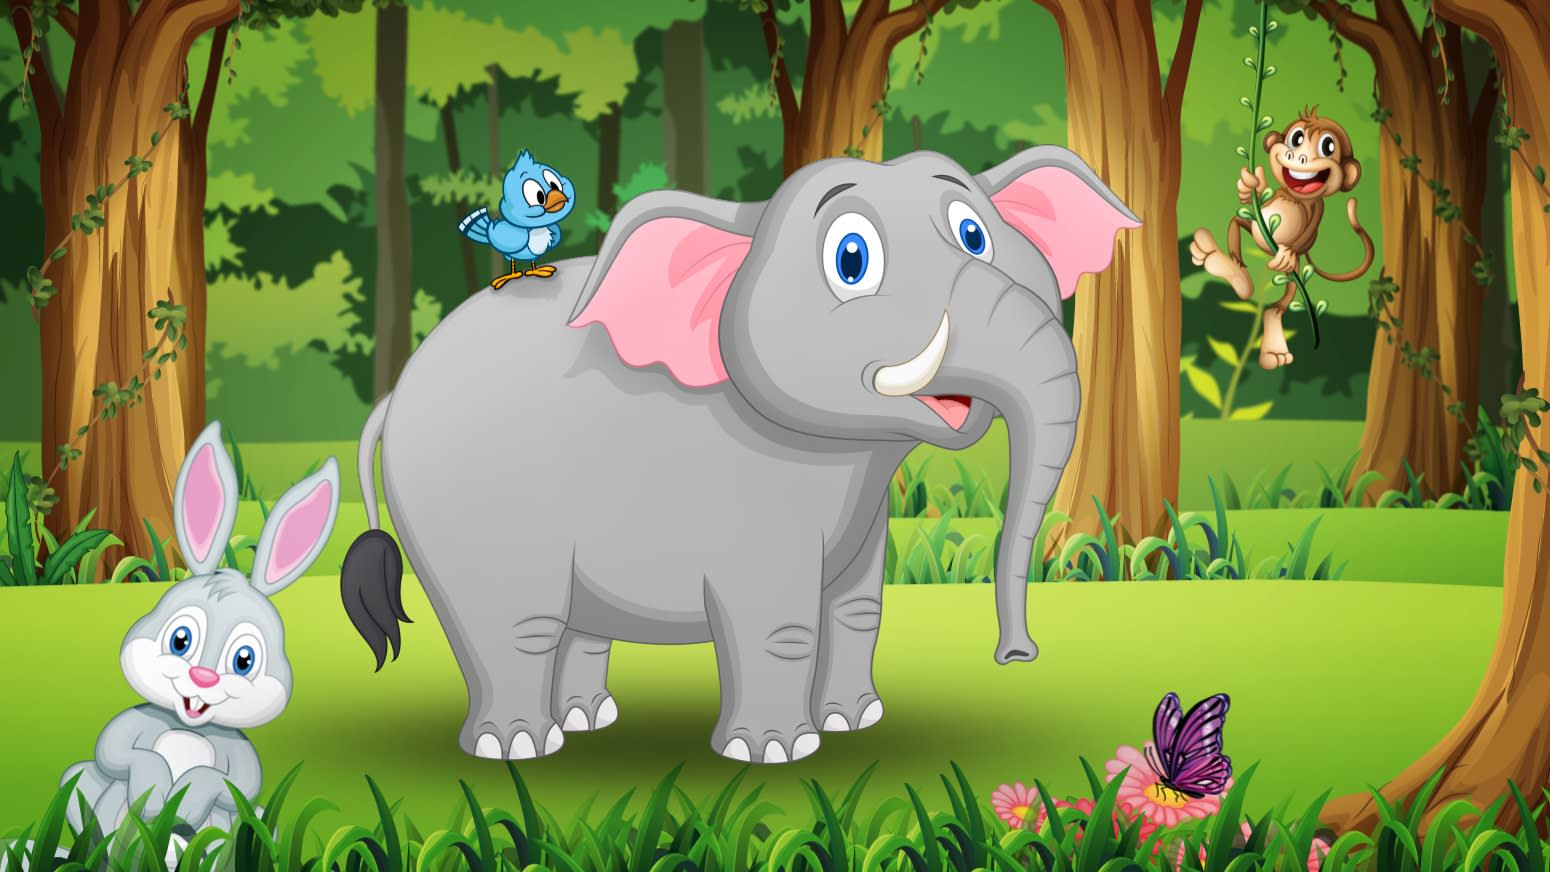 Ххх слон смотреть бесплатно 17 фотография